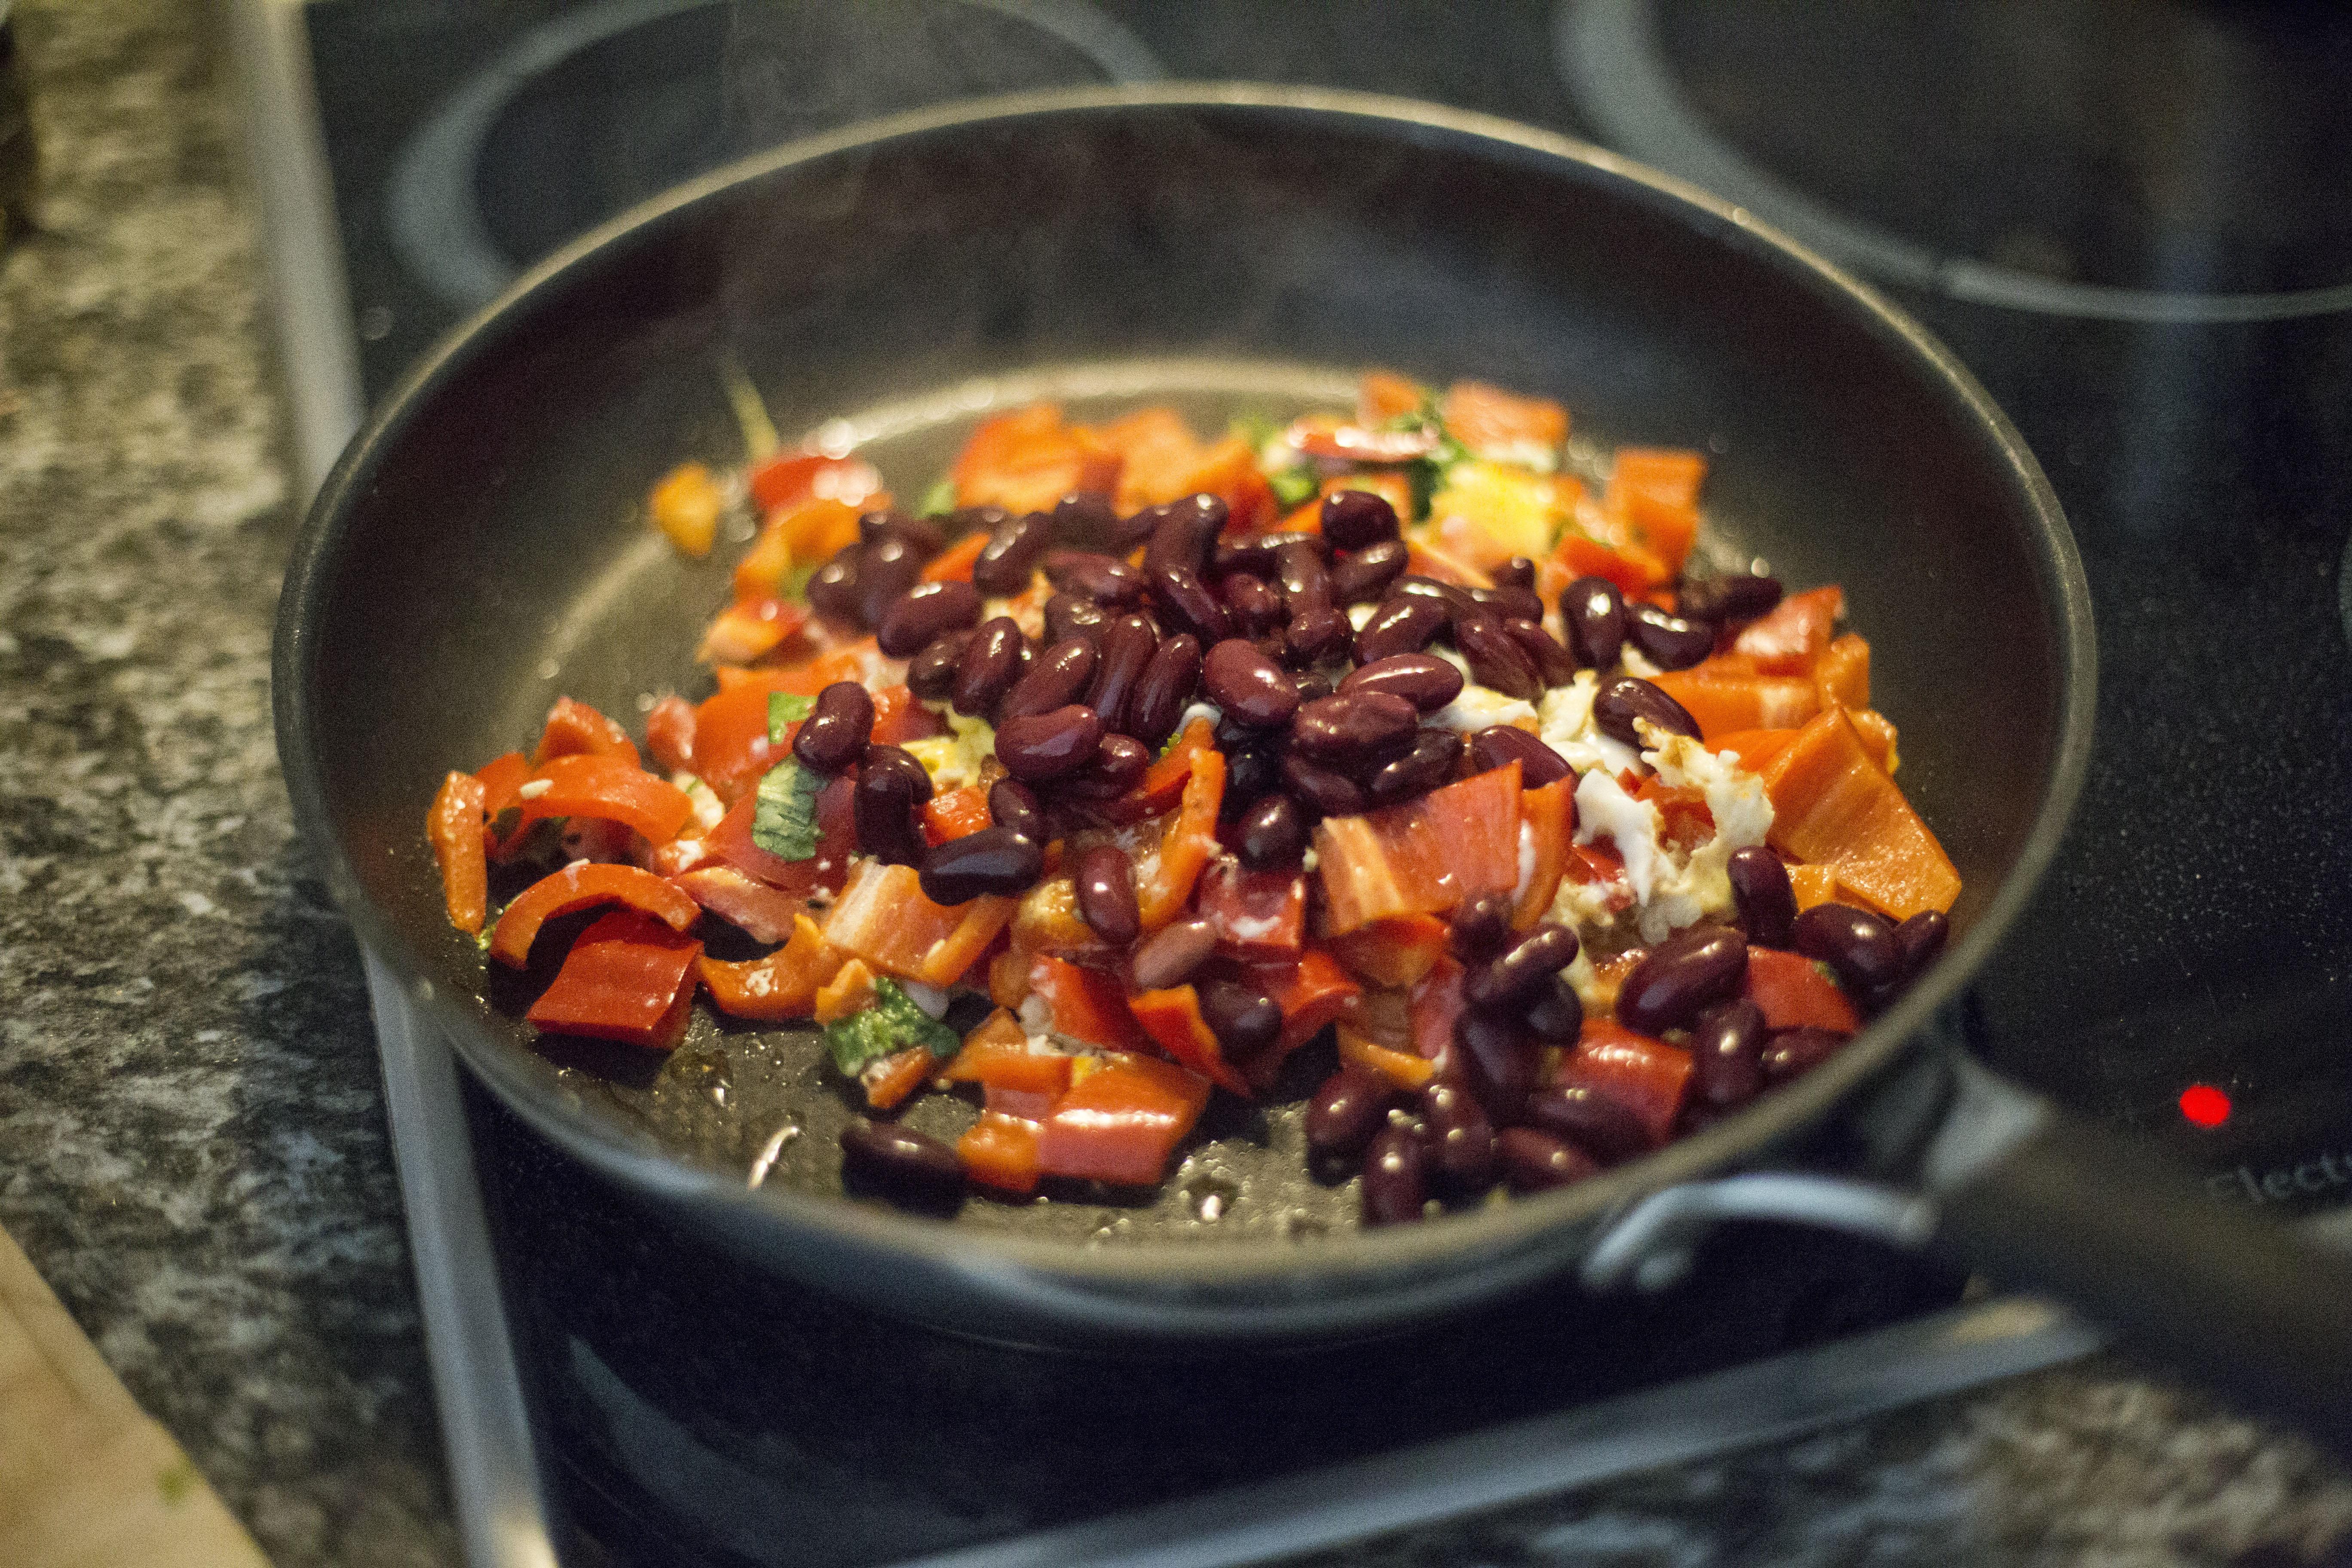 Sizzling start for Beans in Abundance.